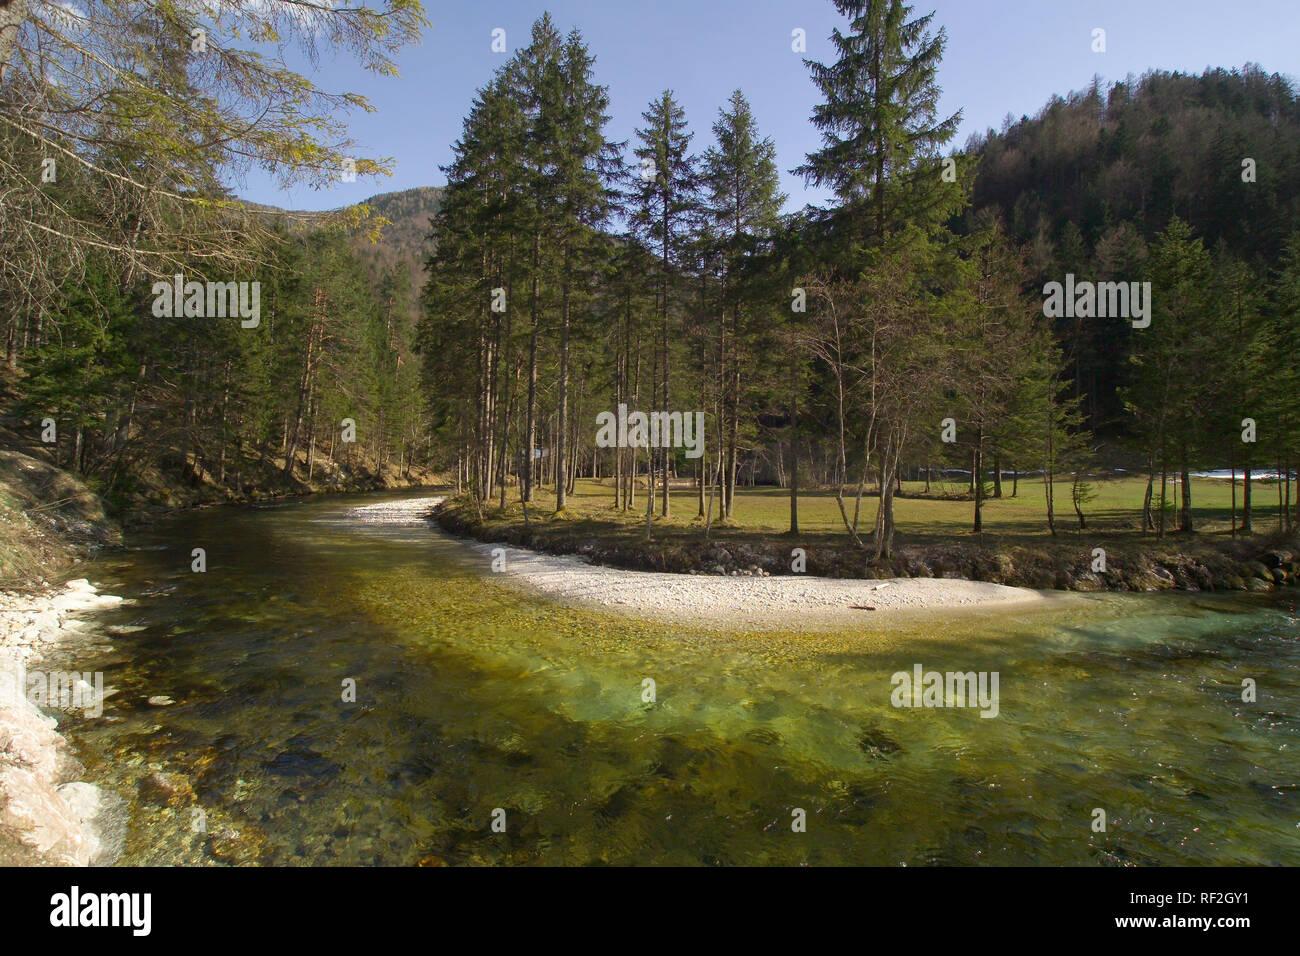 Oberösterreich, Schiederweiher bei Hinterstoder - Upper Austria, Schiederweiher near Hinterstoder Stock Photo